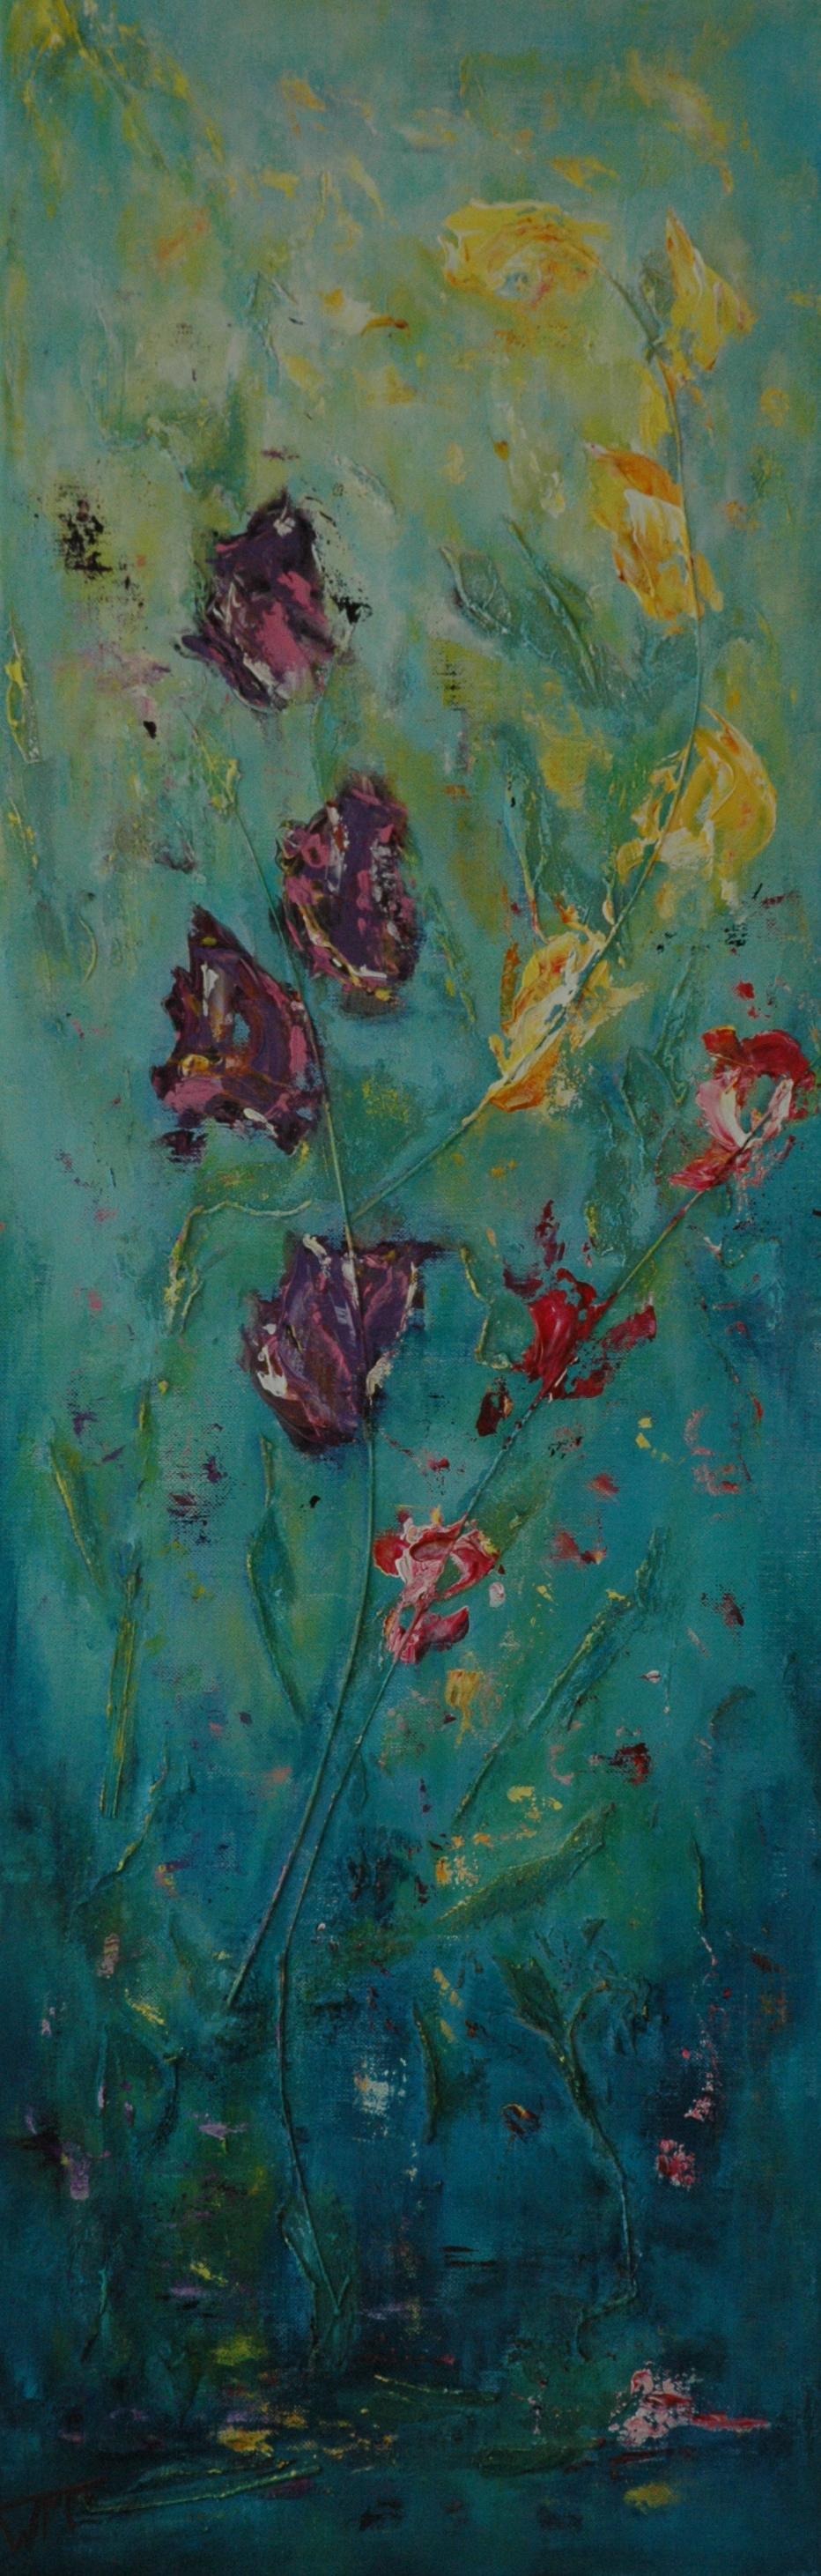 40 x 120cm, acryl op linnen, met gebruik van materialen (textuur), verkocht